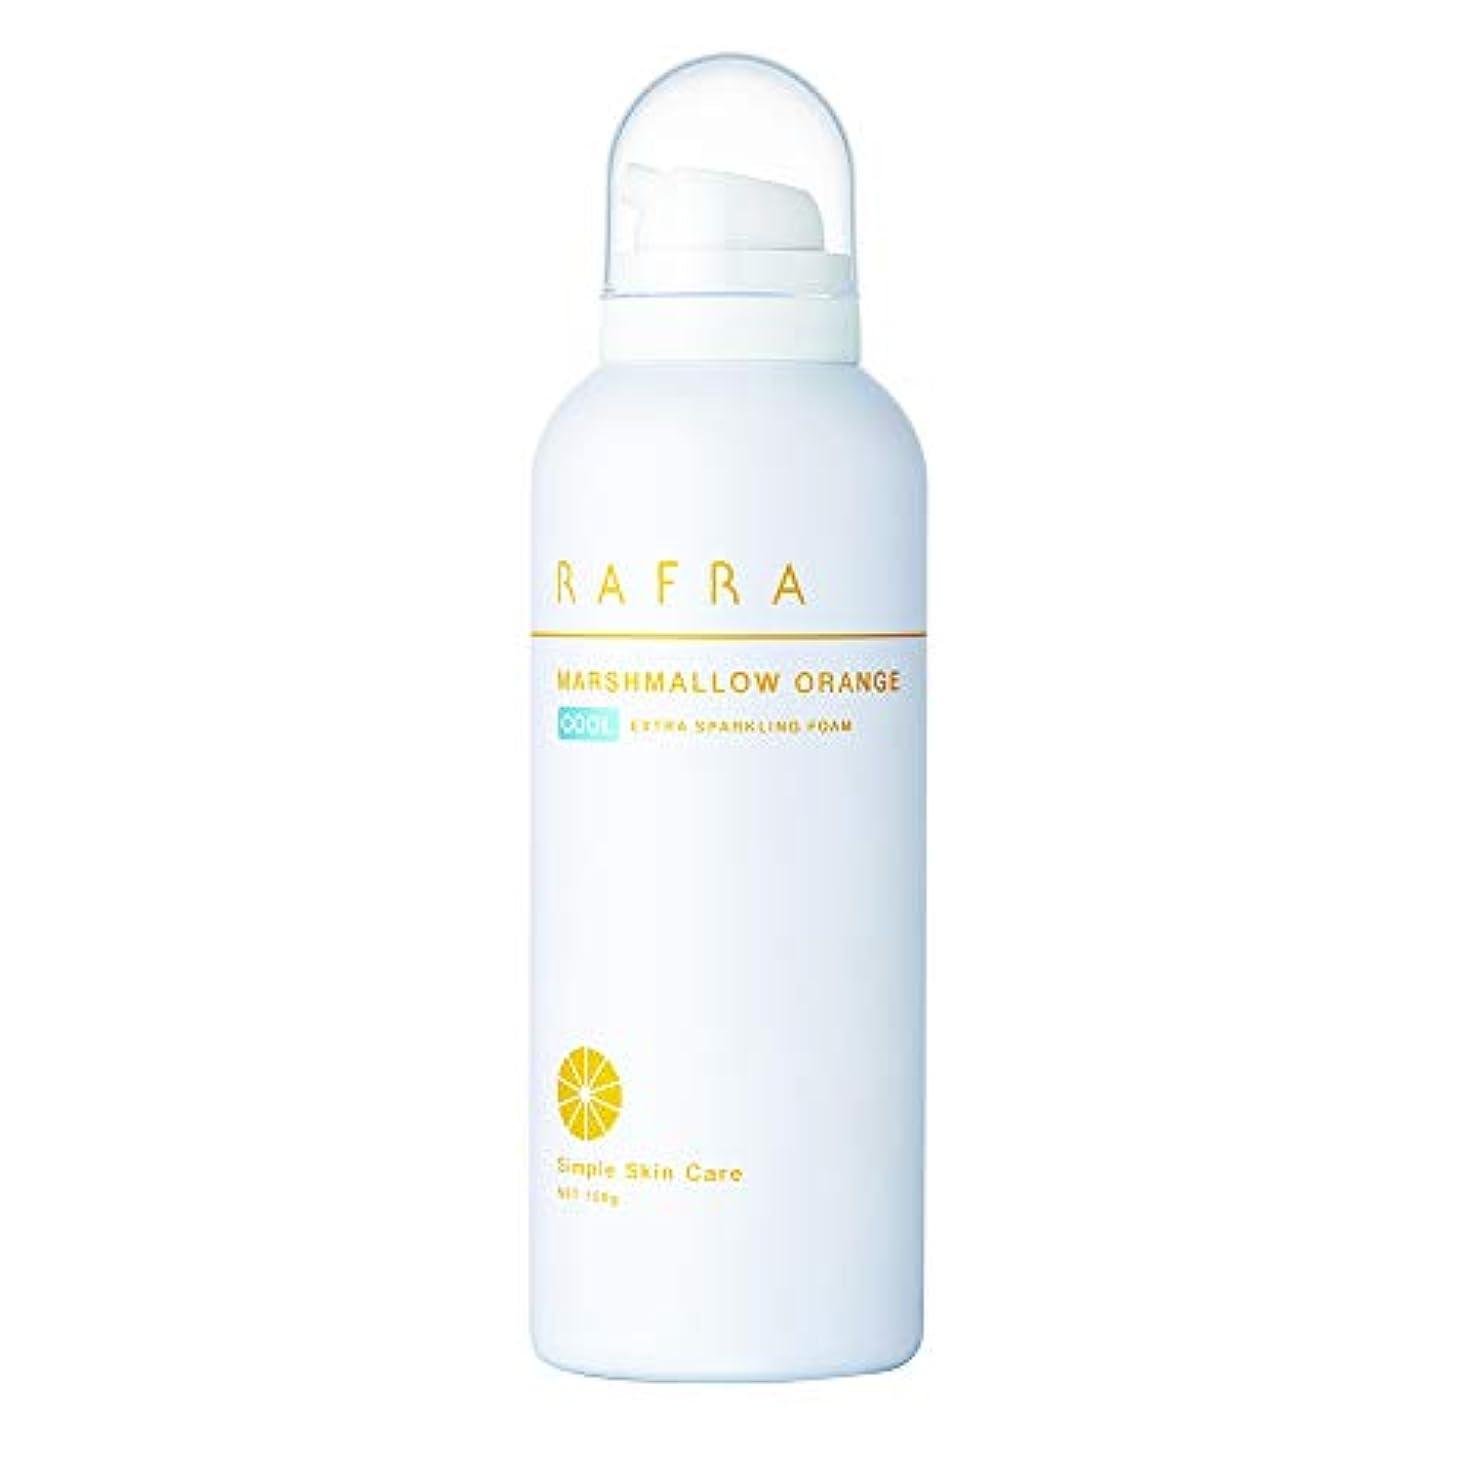 優れた側鎮静剤ラフラ マシュマロオレンジ クール 150g 炭酸泡洗顔